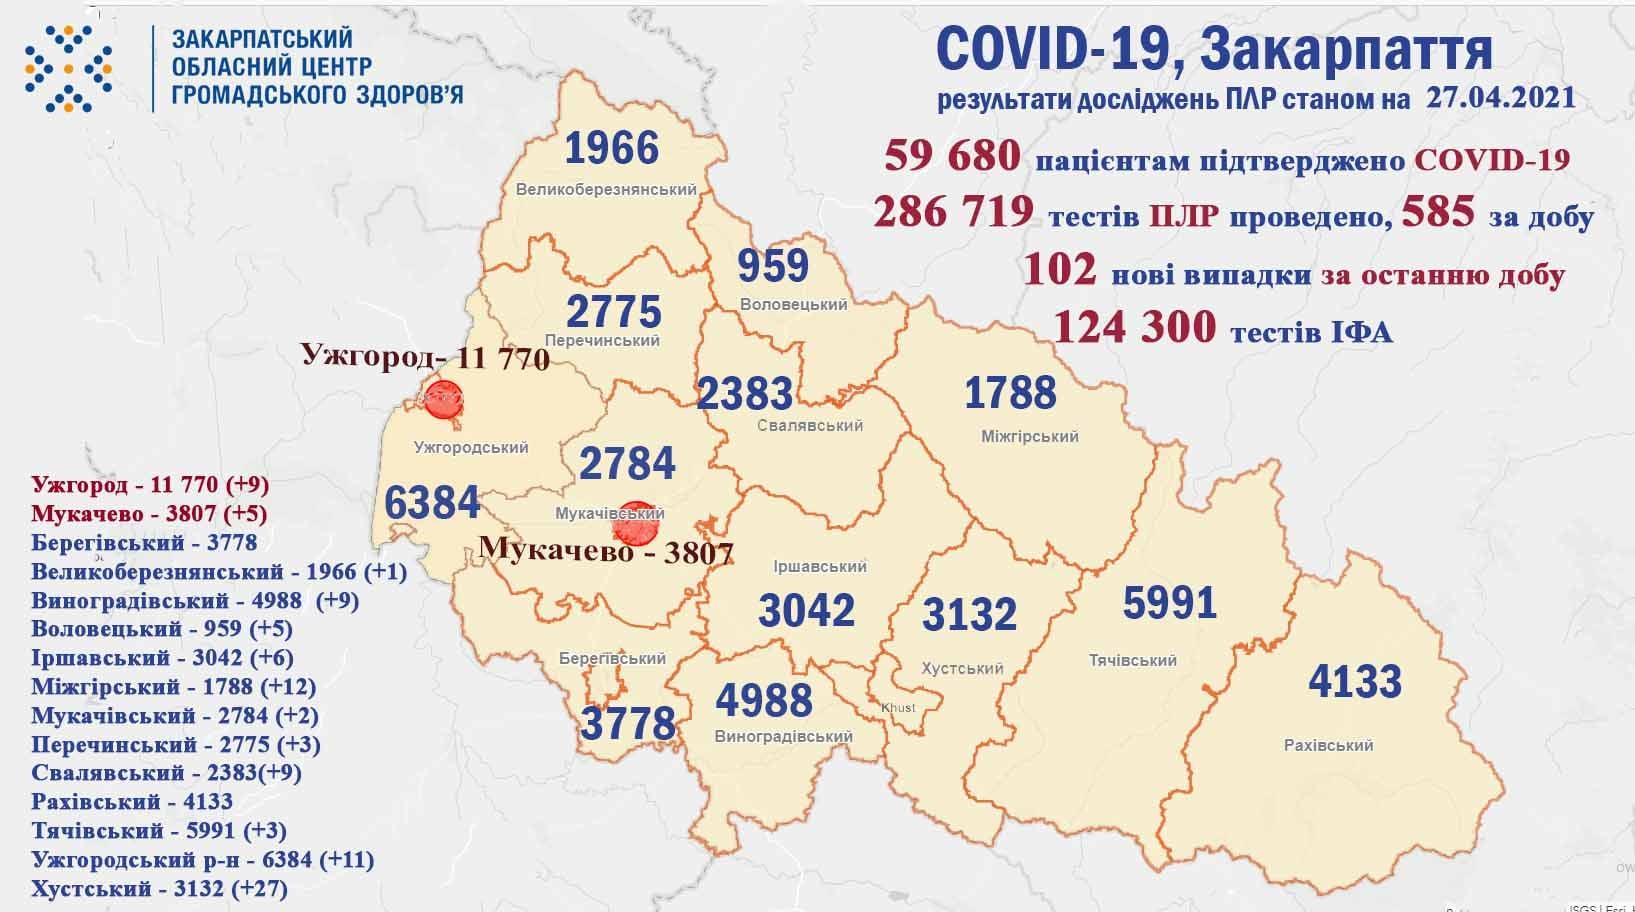 102 випадки COVID-19 виявили за минулу добу на Закарпатті